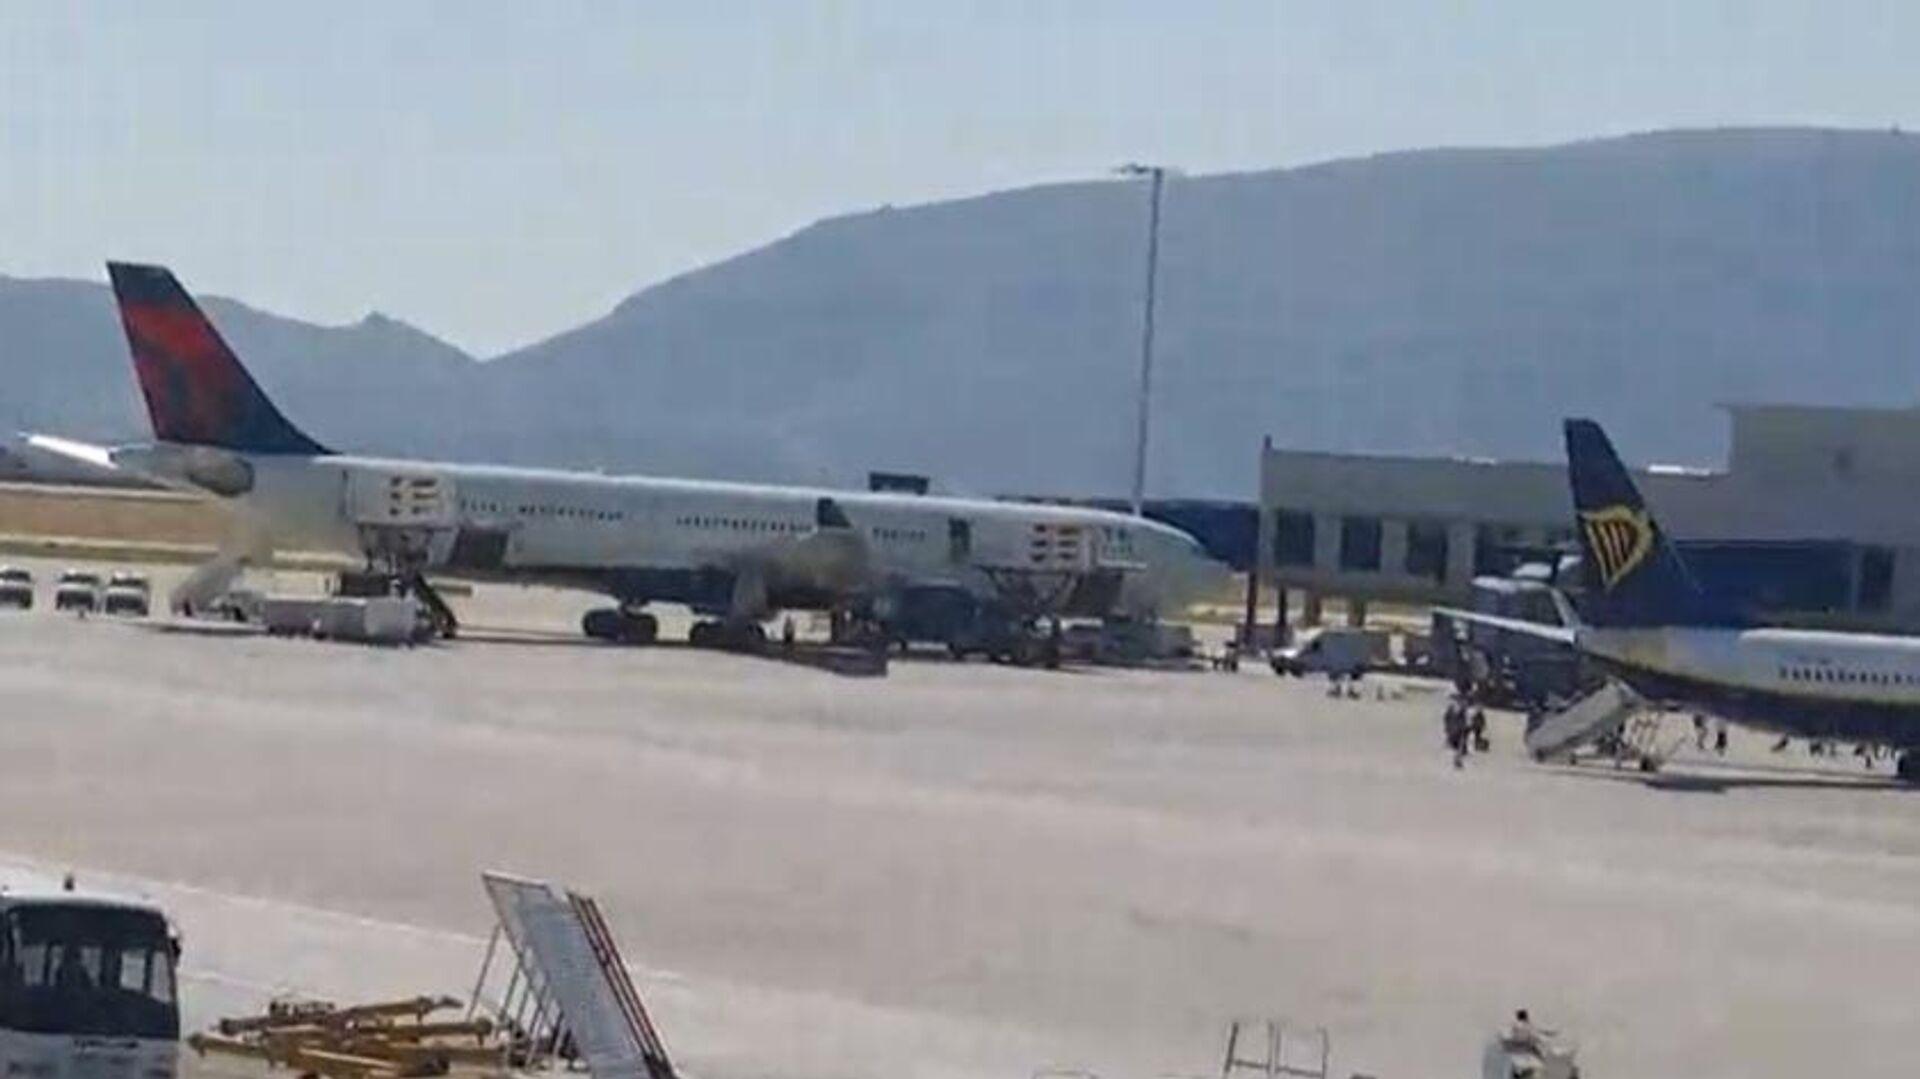 Το αεροσκάφος που προχώρησε σε αναγκαστική προσγείωση στο Ελ. Βενιζέλος - Sputnik Ελλάδα, 1920, 26.09.2021